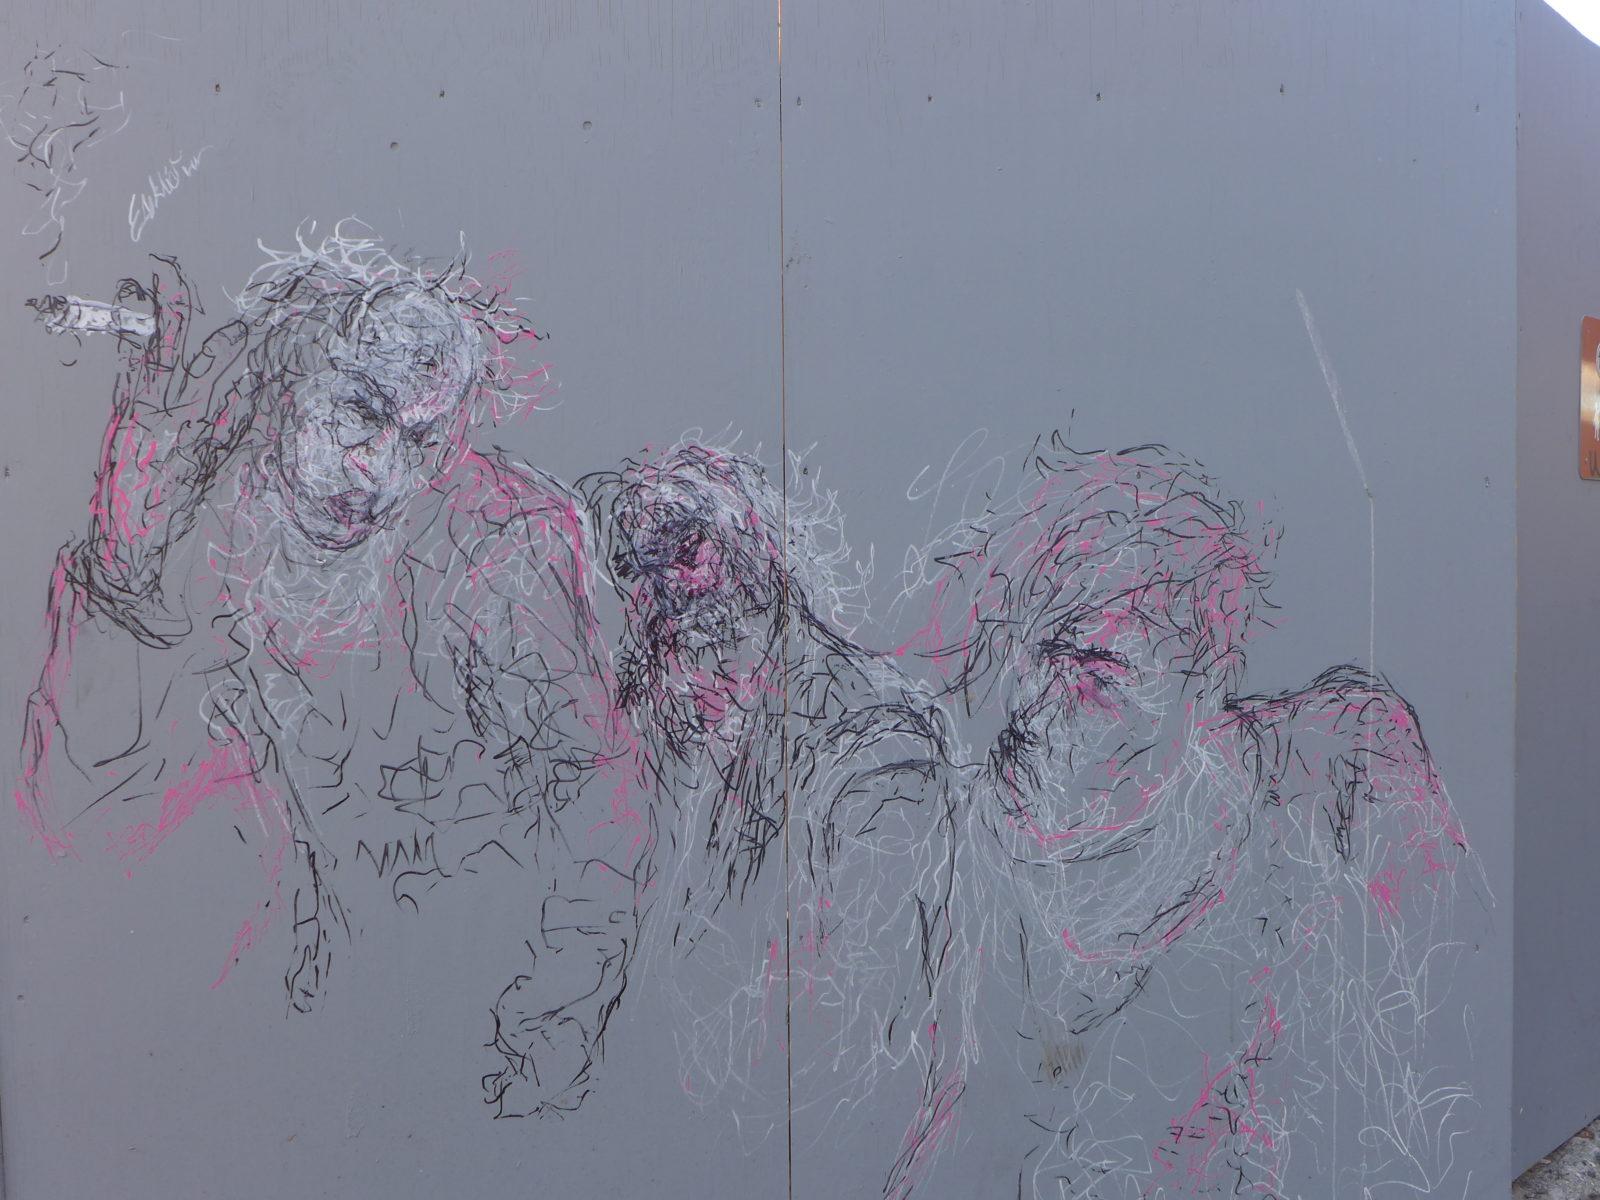 street art reykjavik islande chantier portraits - Focus sur Reykjavik : la capitale de l'Islande s'ouvre au street art !